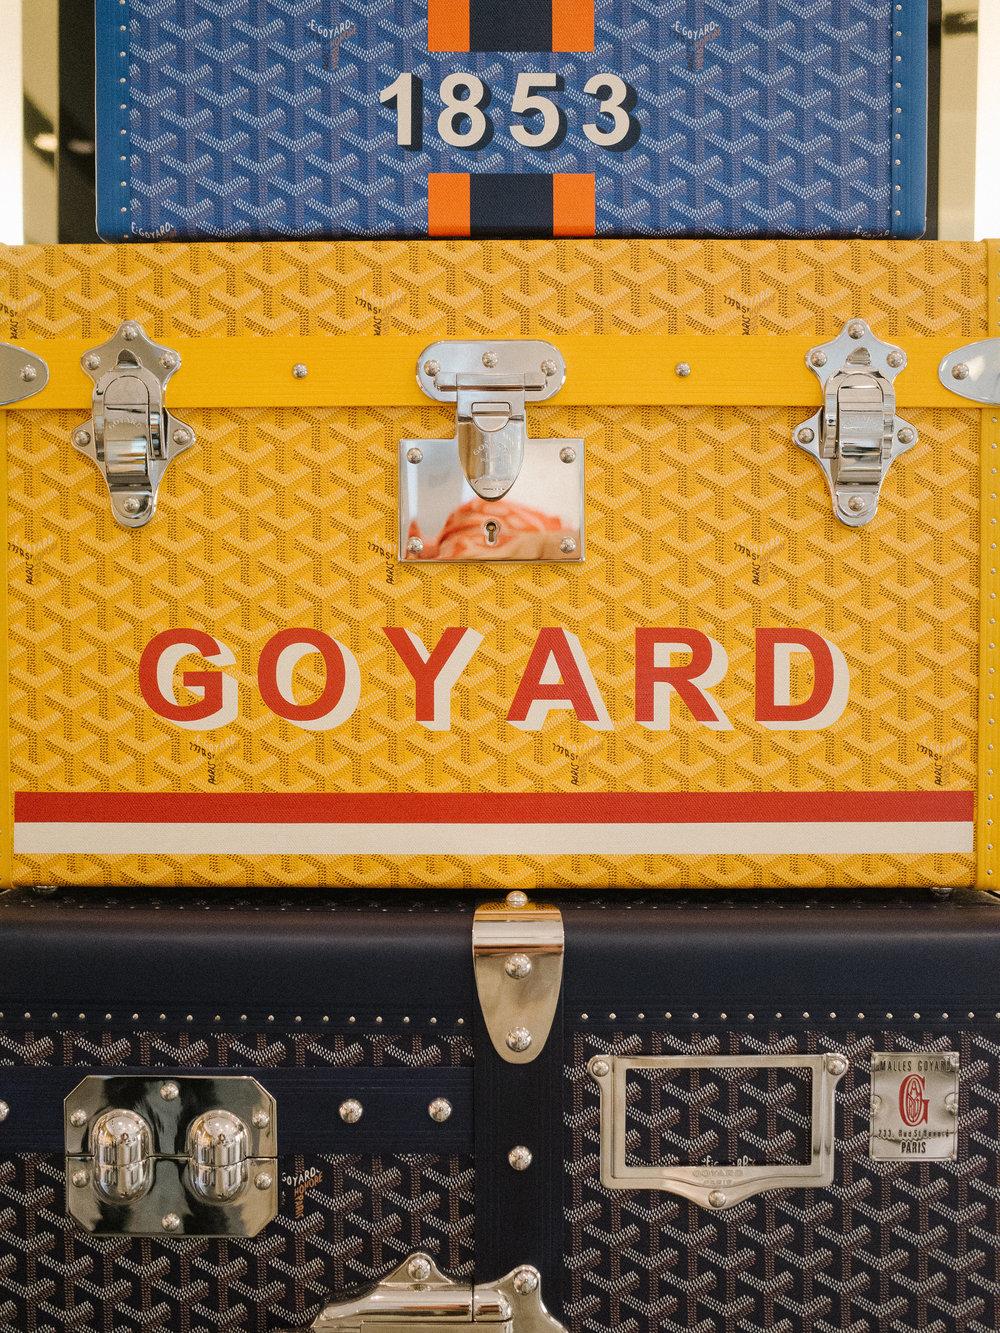 The real deal Goyard photgraphed at Barneys.